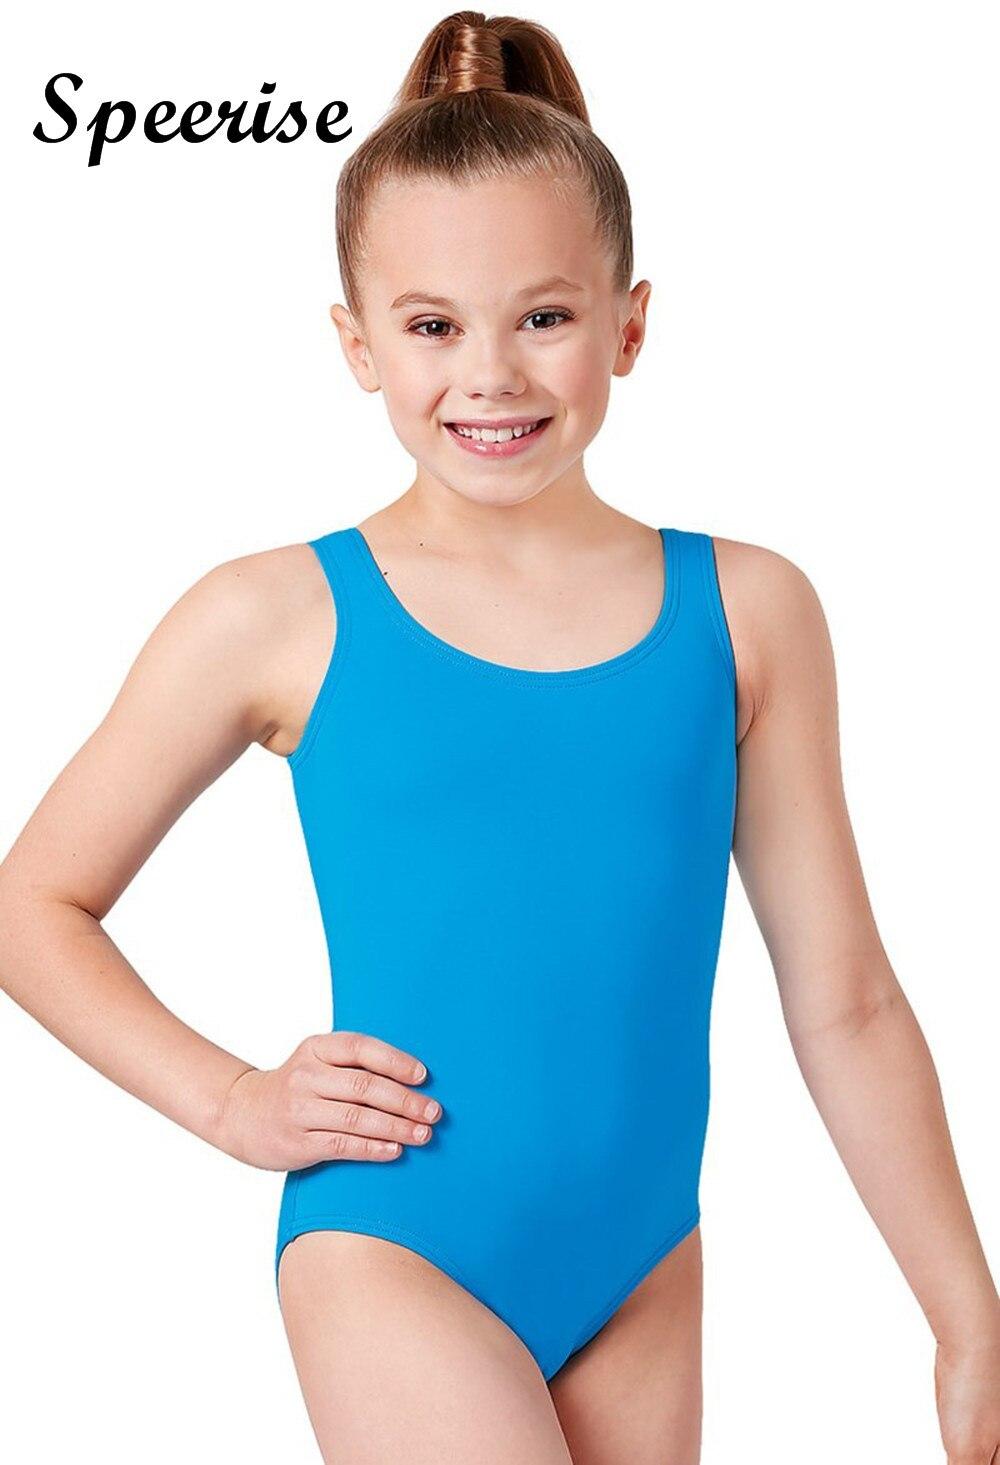 Speerise enfant réservoir sans manches justaucorps enfants Spandex Ballet justaucorps garçon gymnastique Costumes